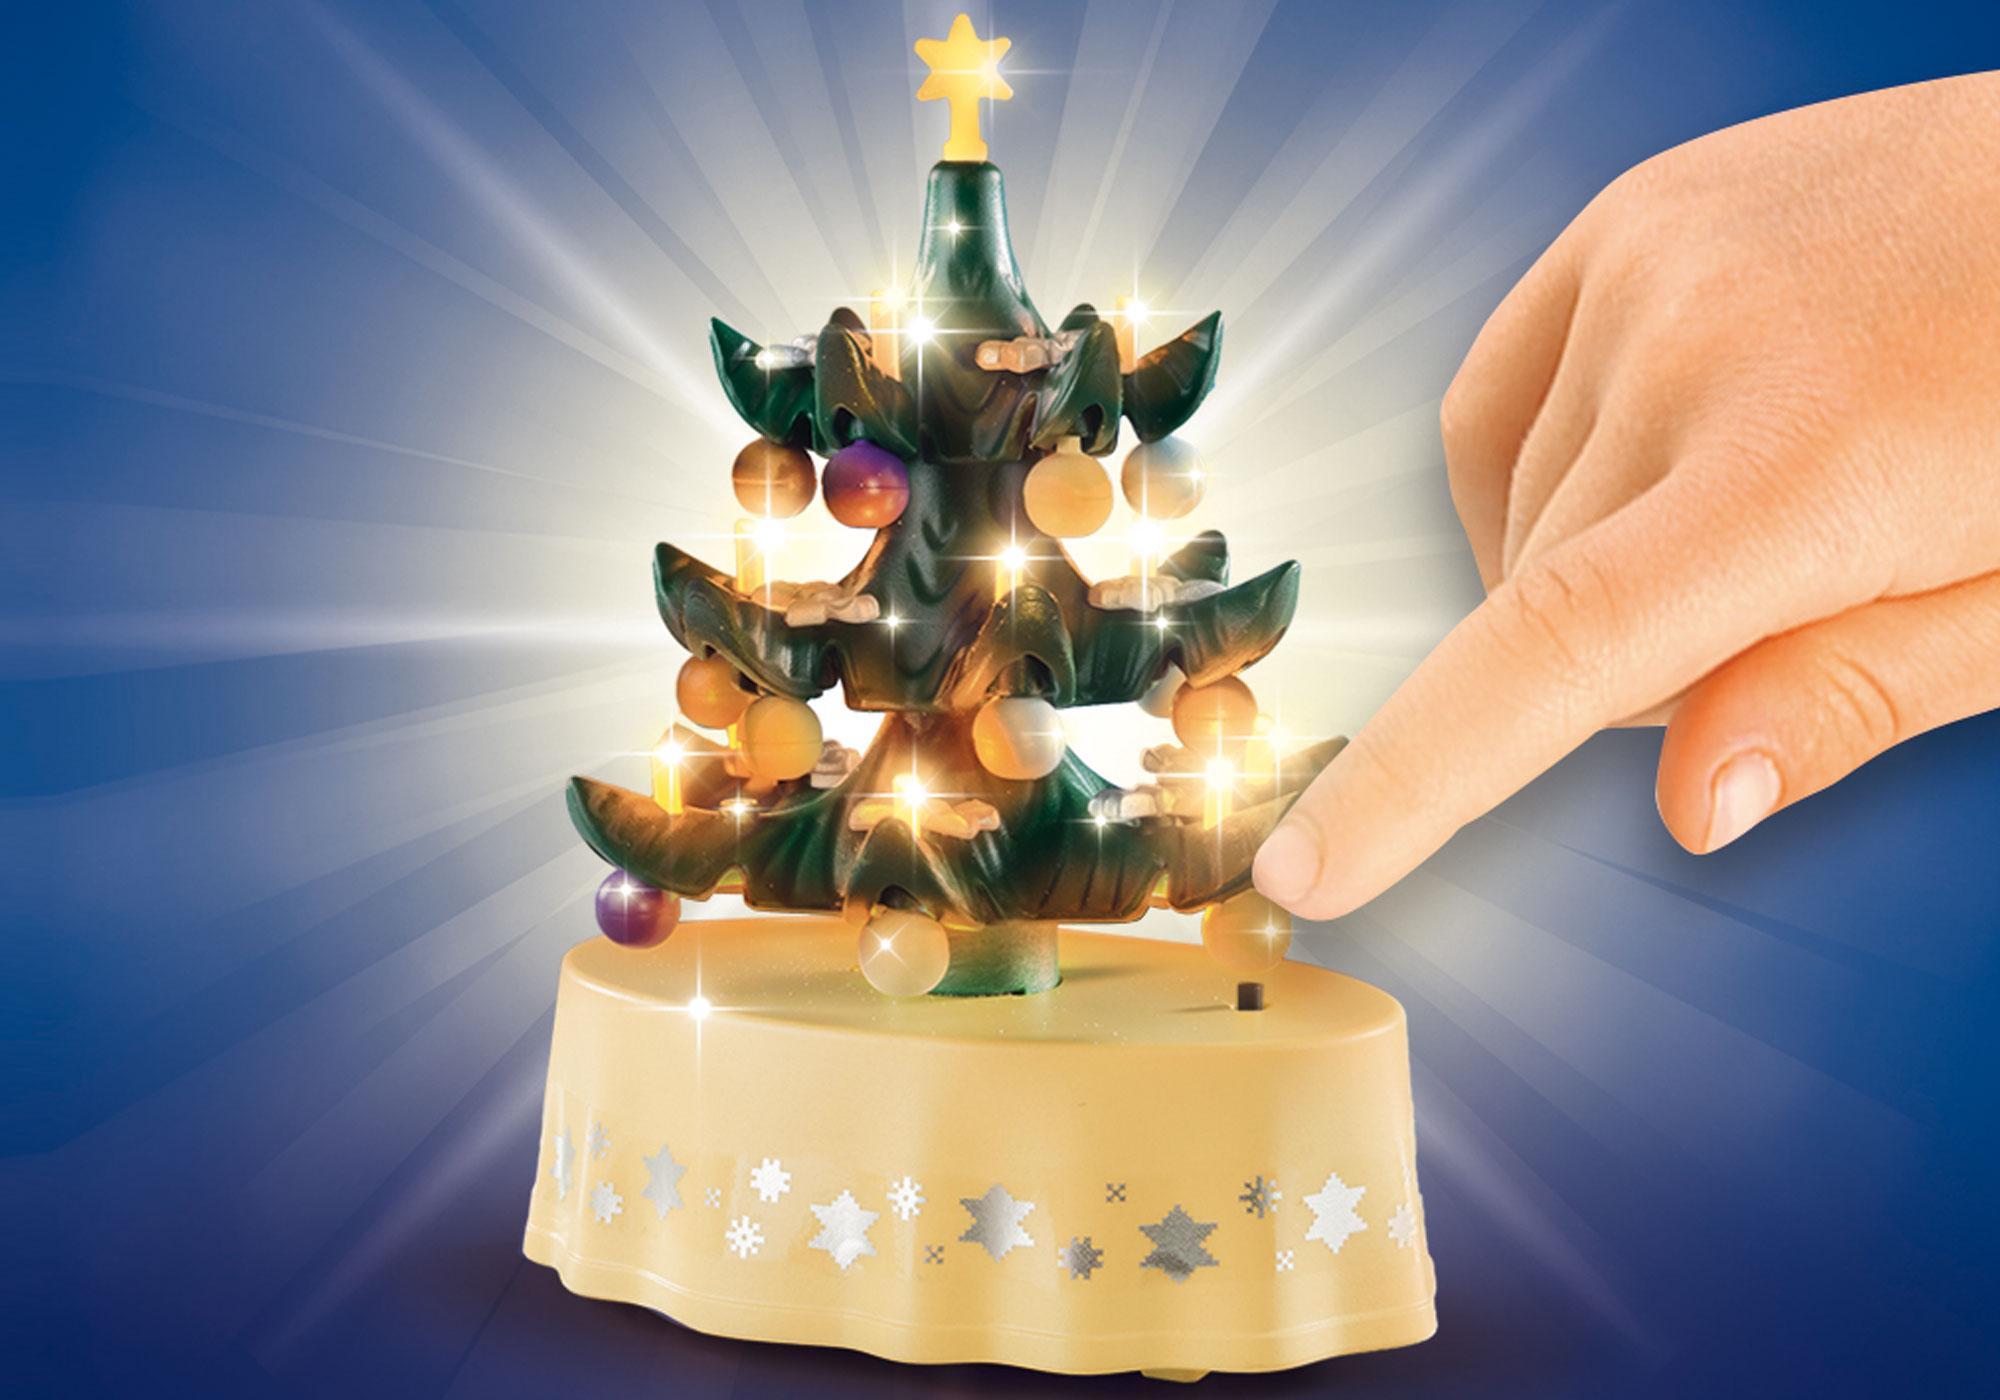 http://media.playmobil.com/i/playmobil/9495_product_extra1/Christmas Living Room